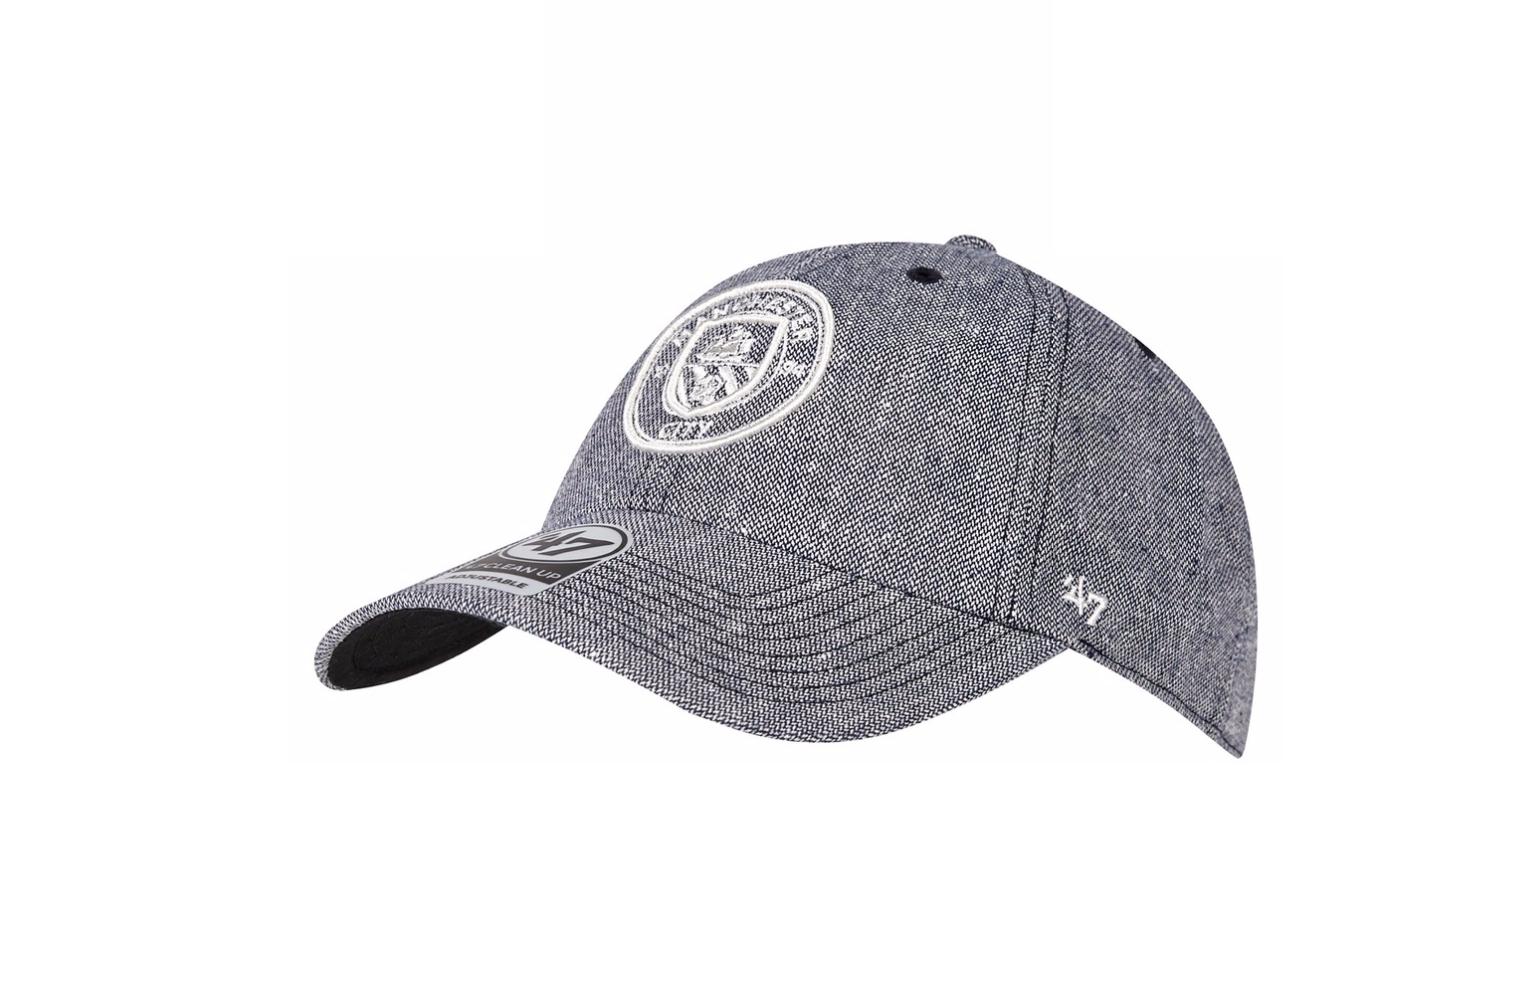 หมวกแมนเชสเตอร์ ซิตี้ 47 Strike Through Cap Herringbone ของแท้